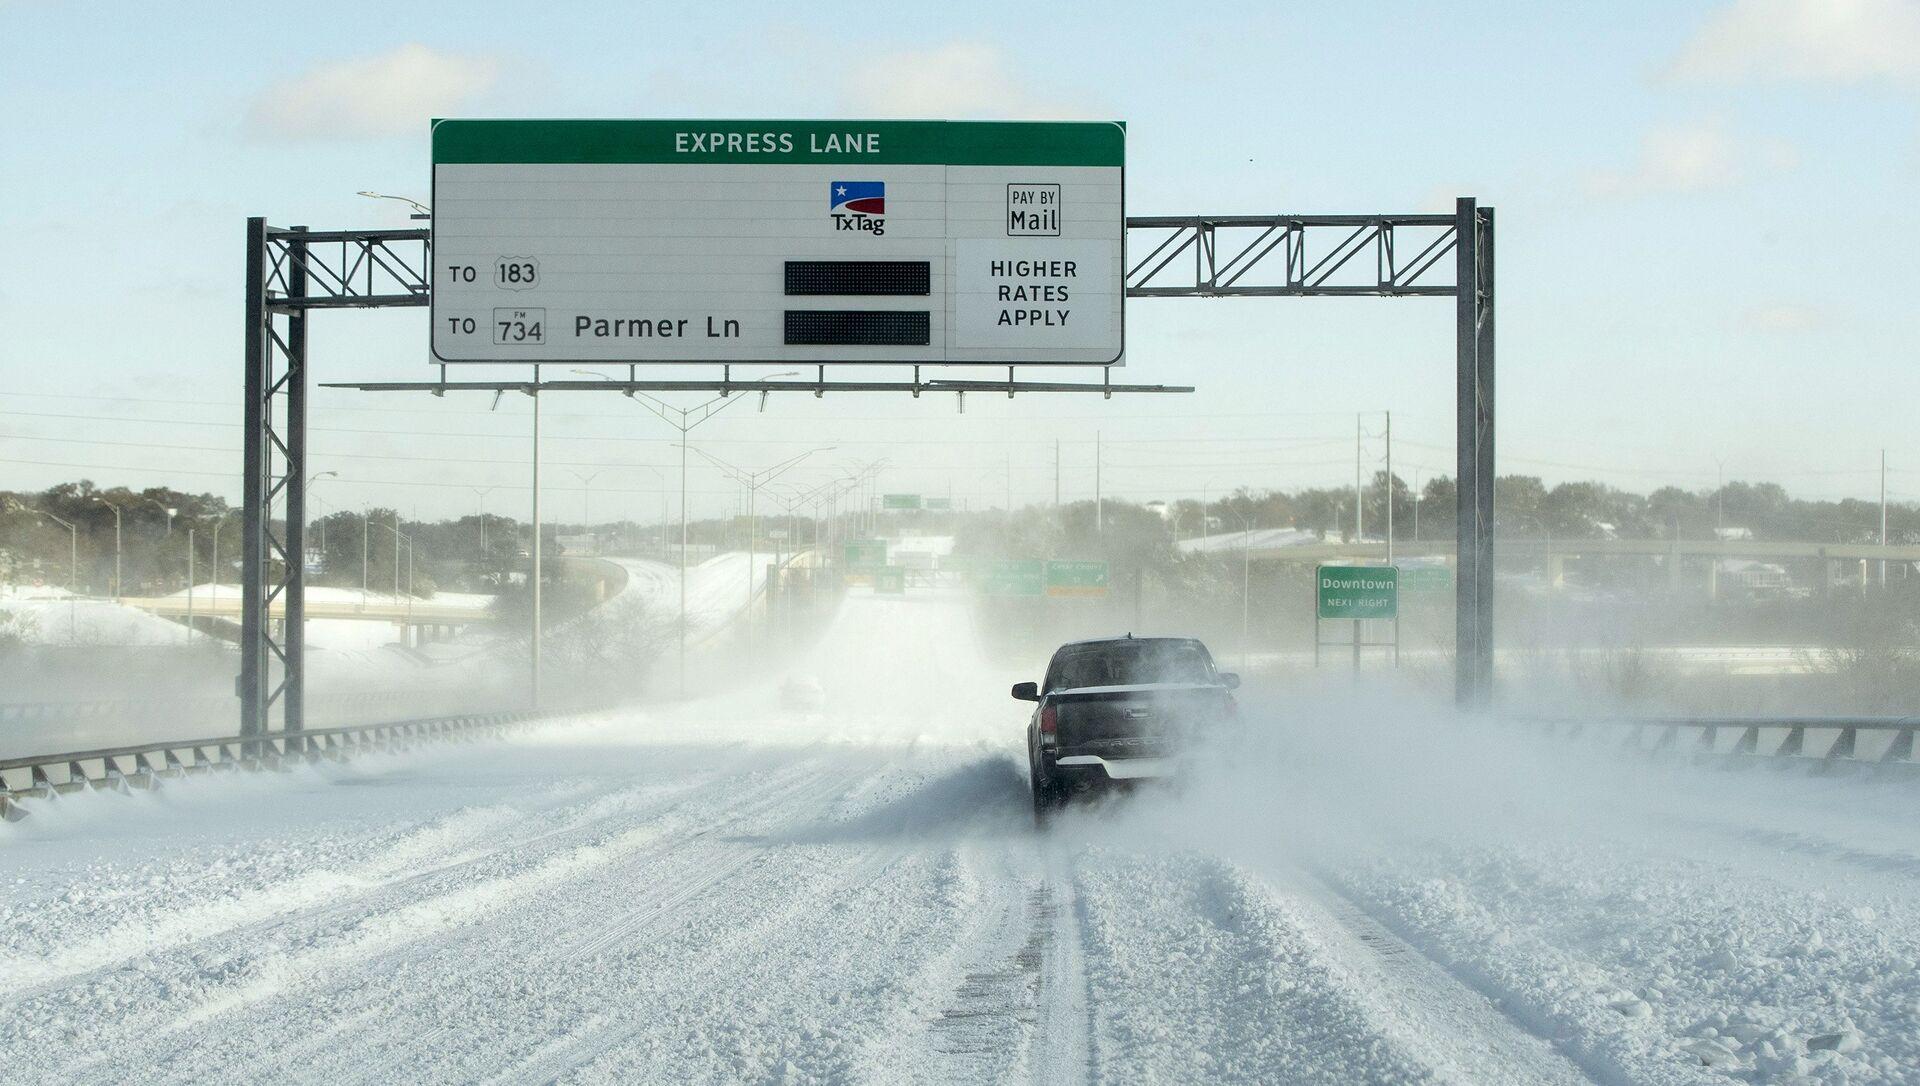 Snežno nevreme pogodilo je Teksas, zbog čega su mnogi domovi ostali bez struje i vode - Sputnik Srbija, 1920, 11.03.2021